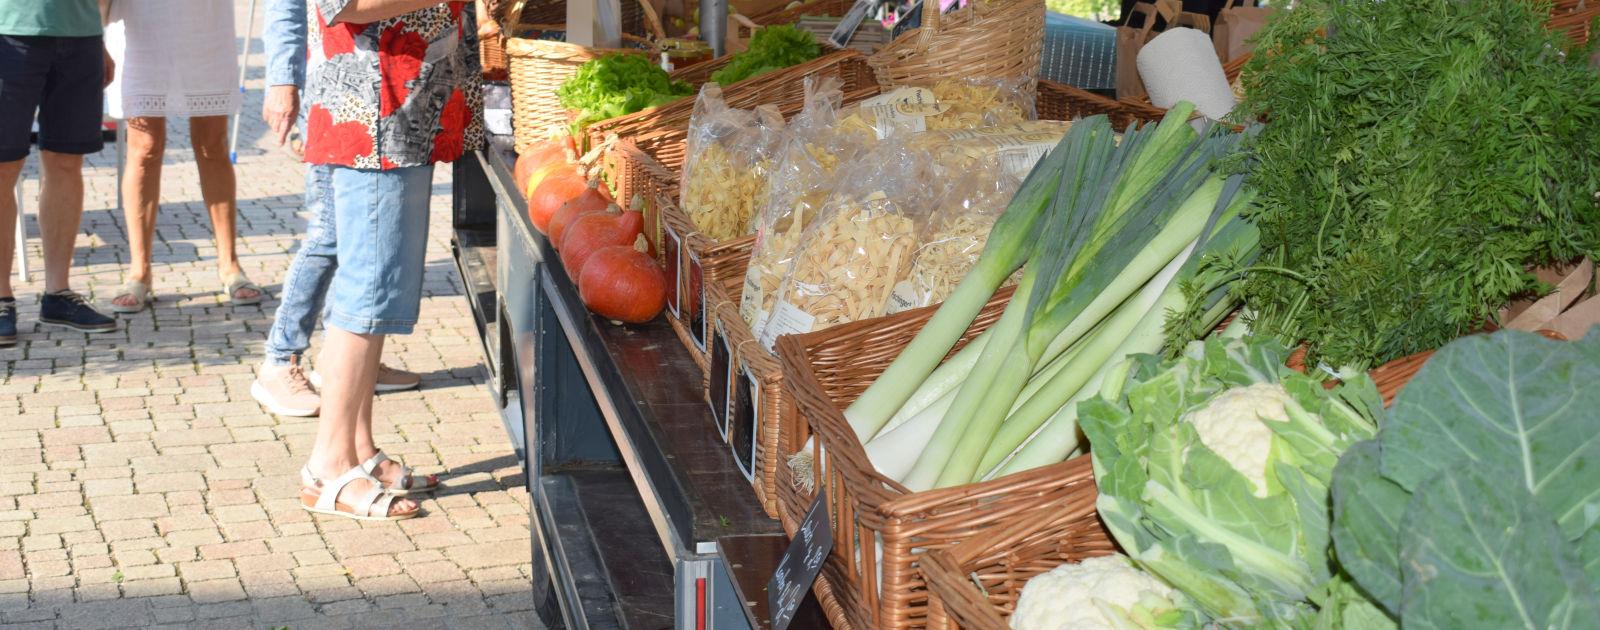 Willstätter Wochenmarkt Gemüsestand